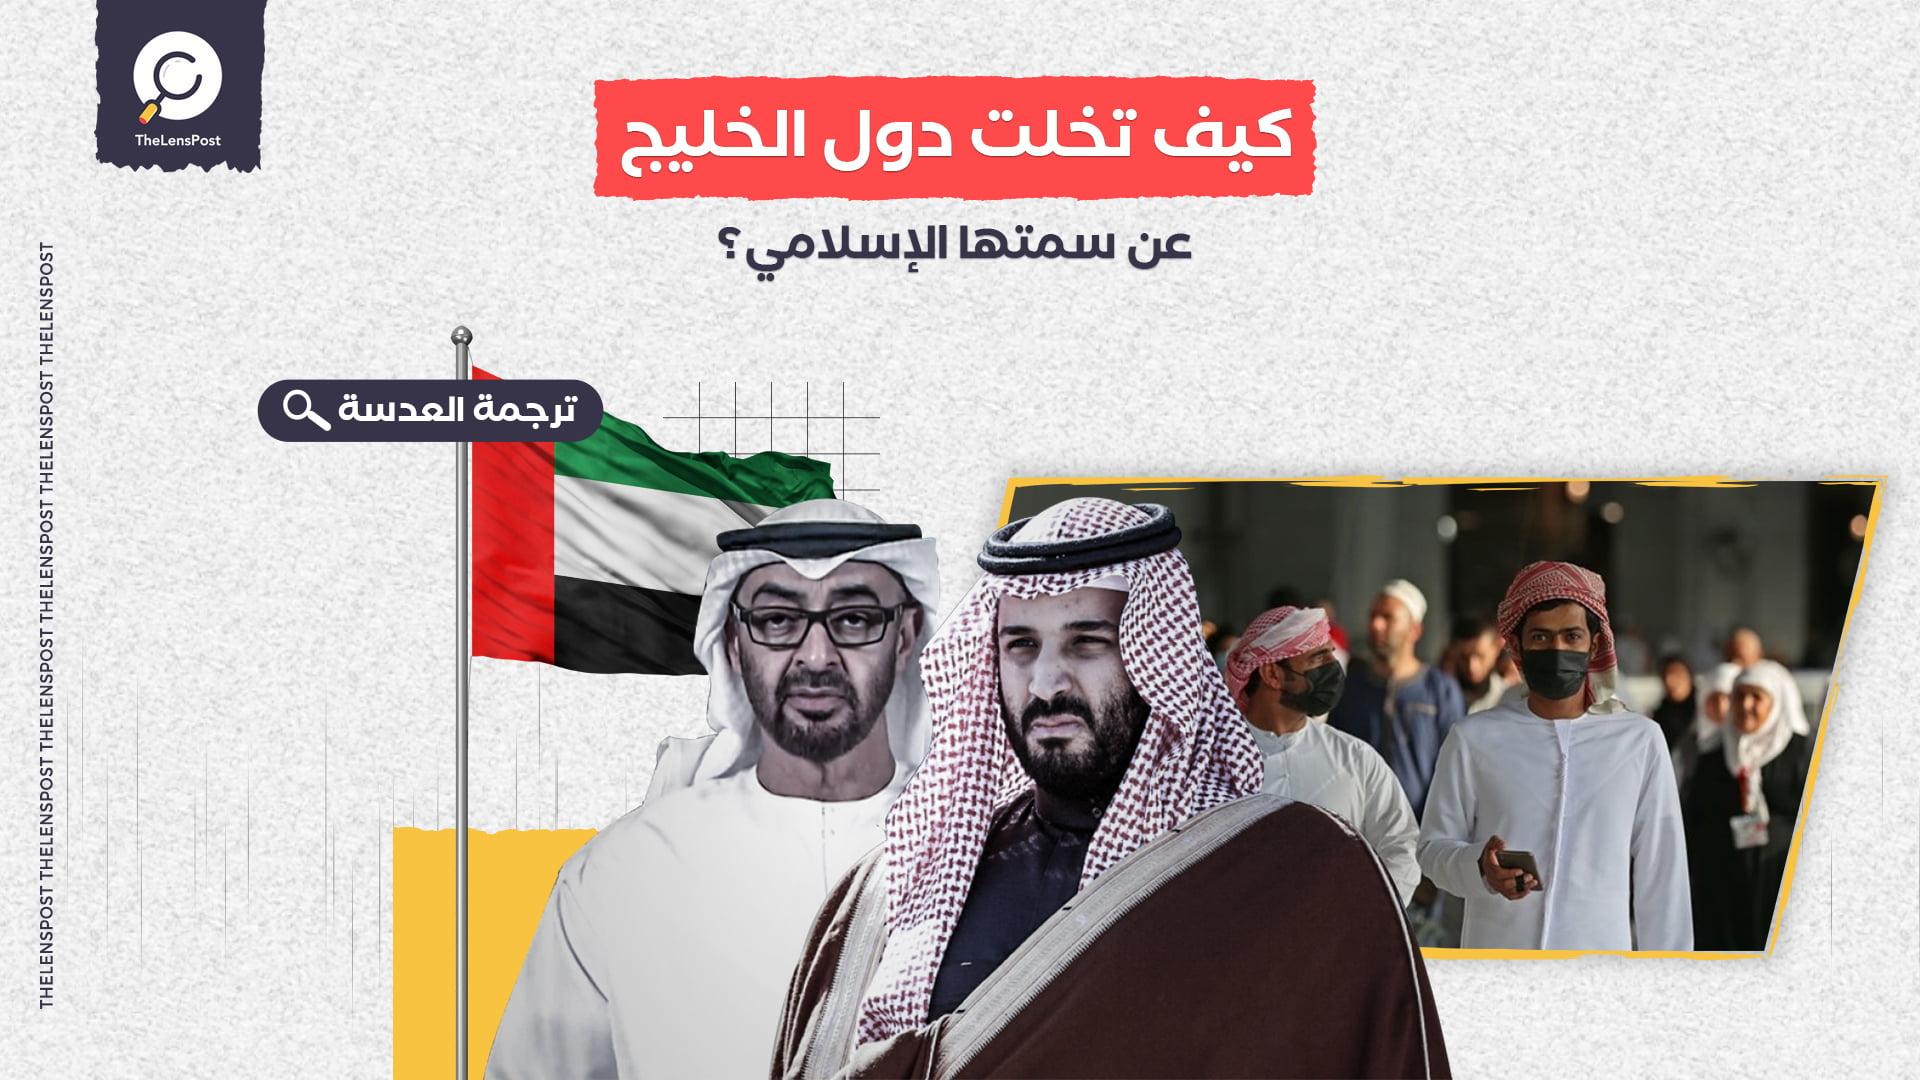 وول ستريت جورنال: كيف تخلت دول الخليج عن سمتها الإسلامي بسبب كورونا؟